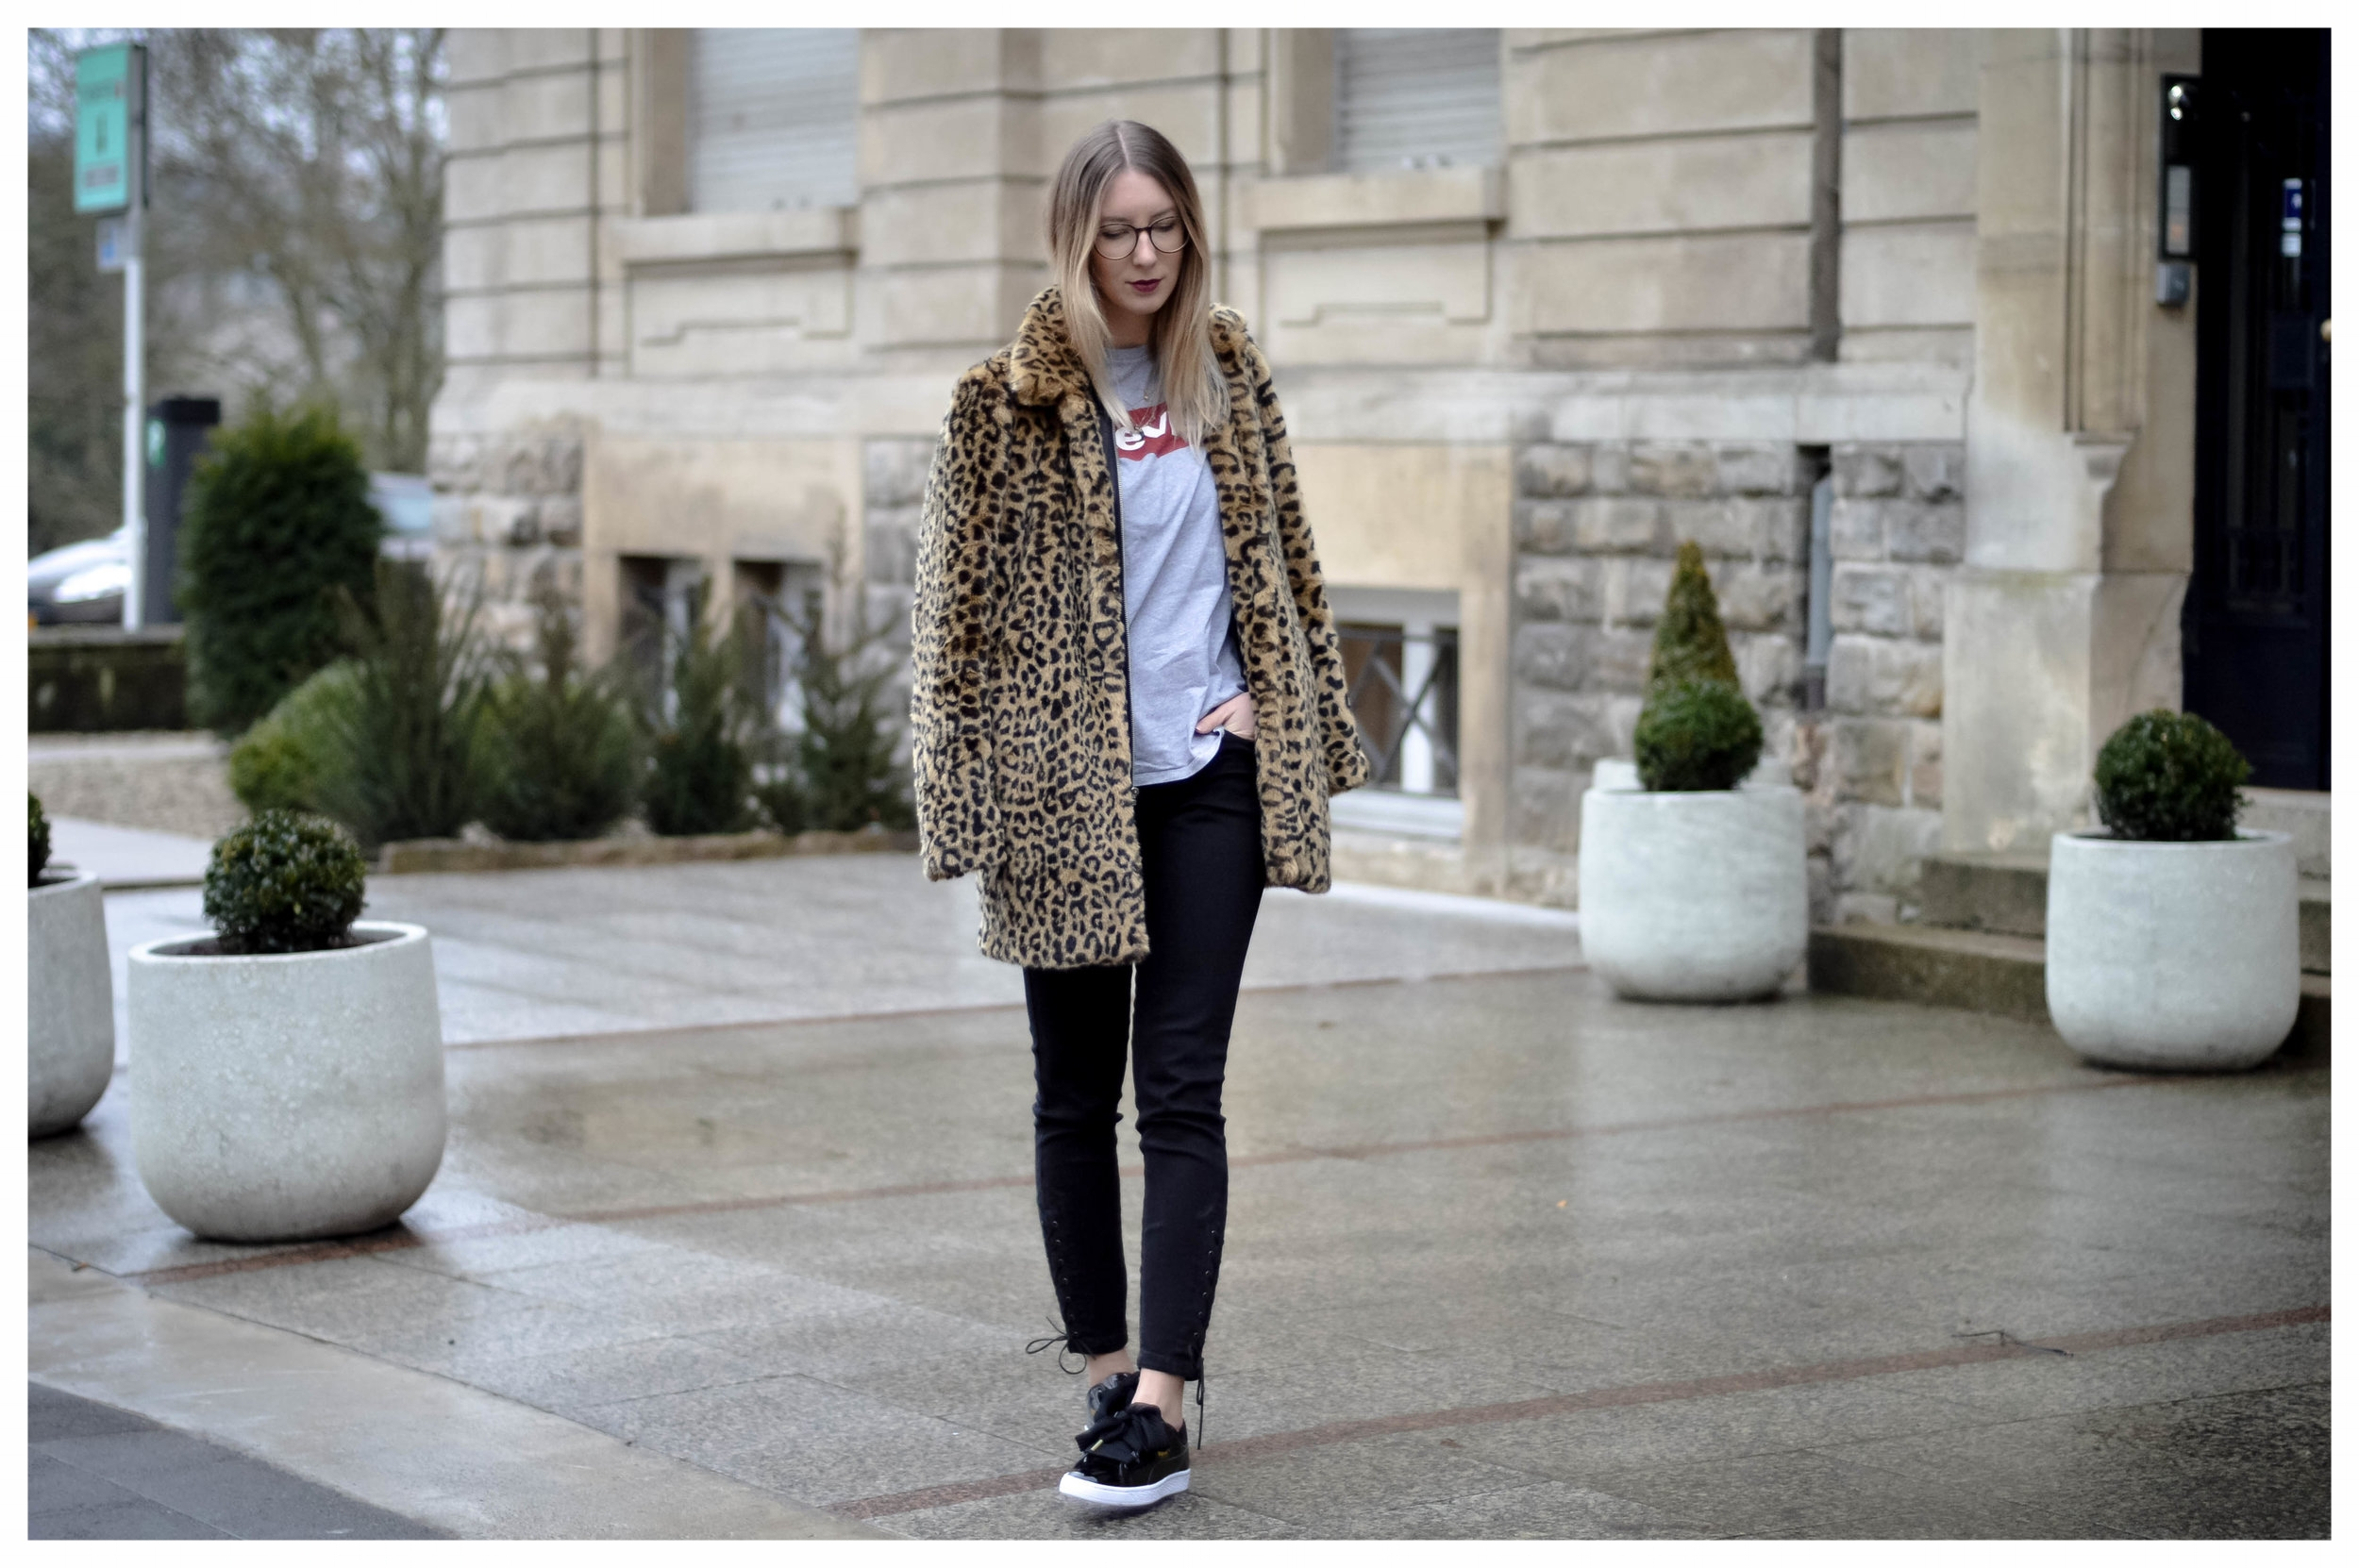 Leopard Jacket Lux - OSIARAH.COM (1 sur 38).jpg